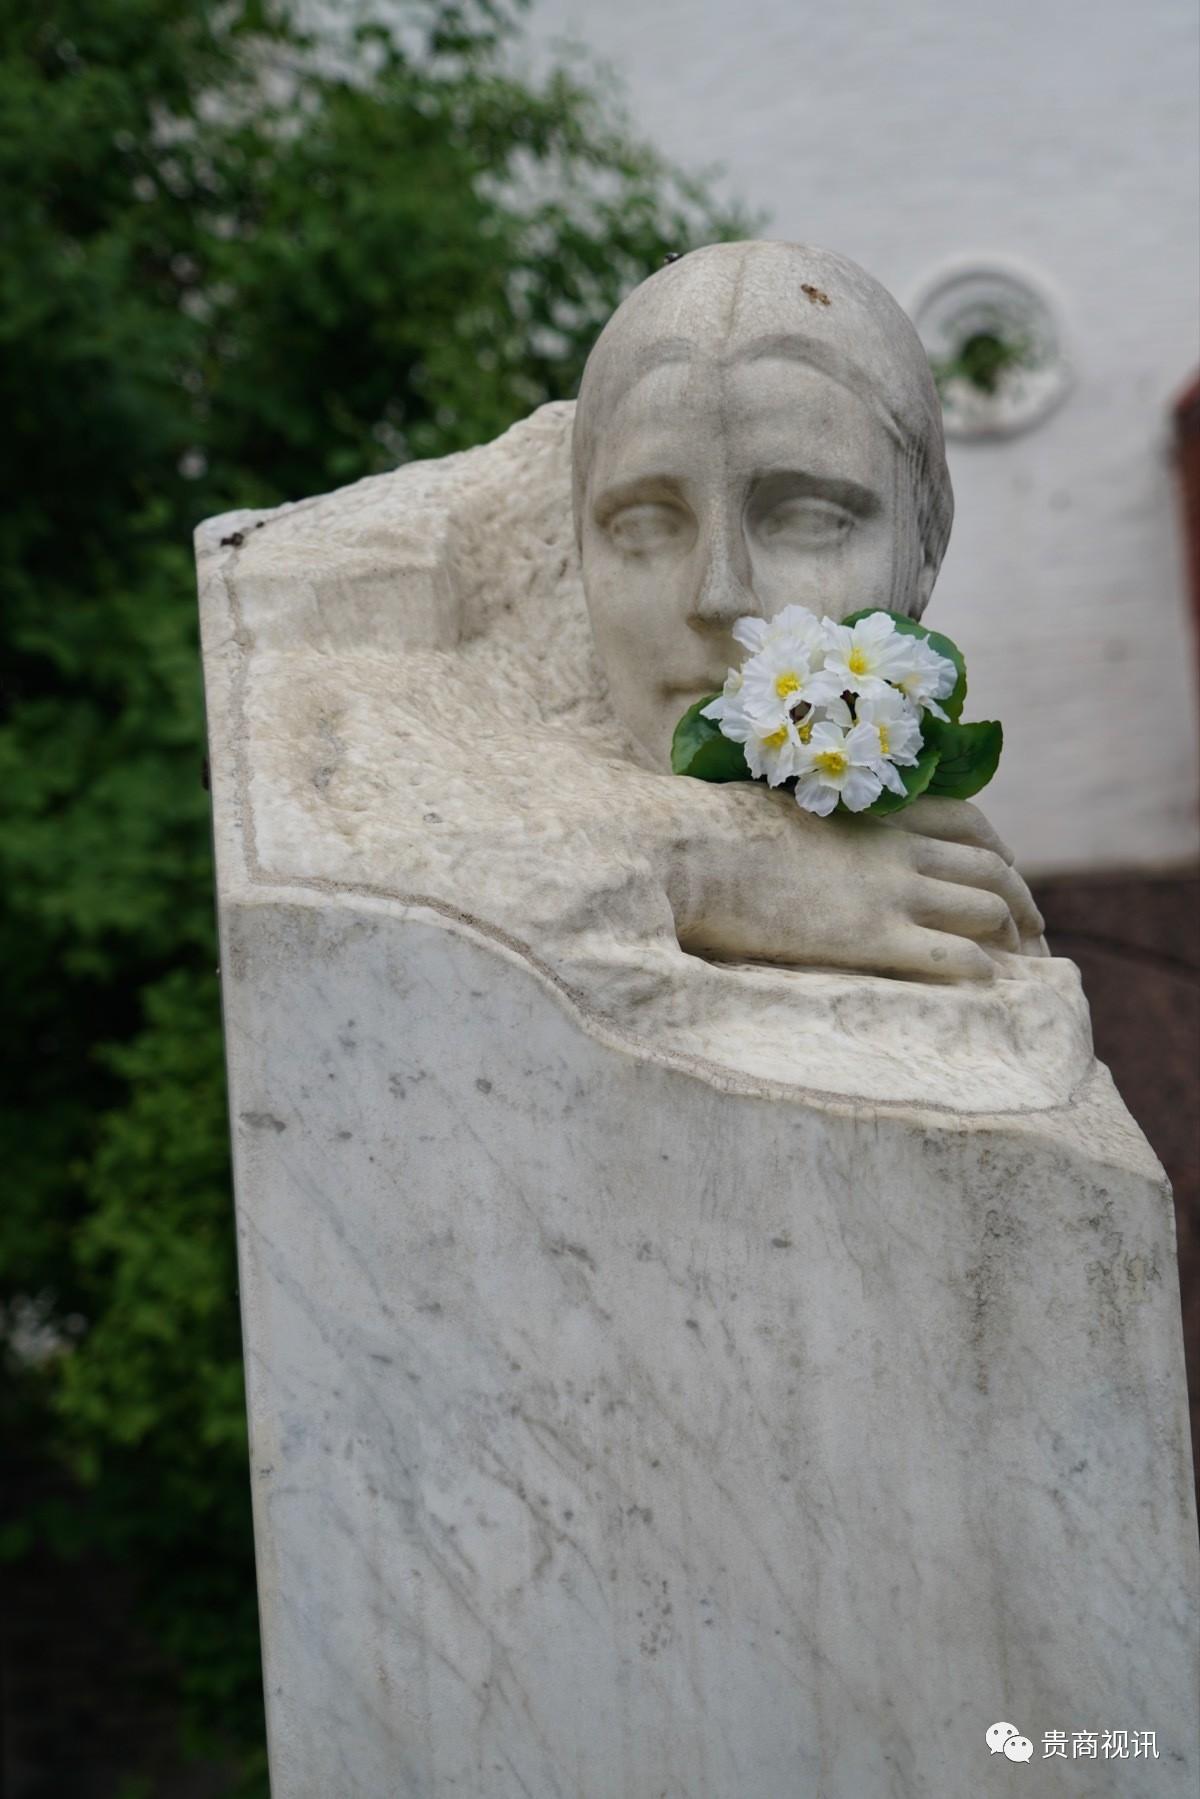 另一个不同的传说是:套上透明罩的都是死因不明。一种说法是自杀,但是她的死因很蹊跷,死的时候是右手拿抢,但是子弹是从头的左边穿过去的。